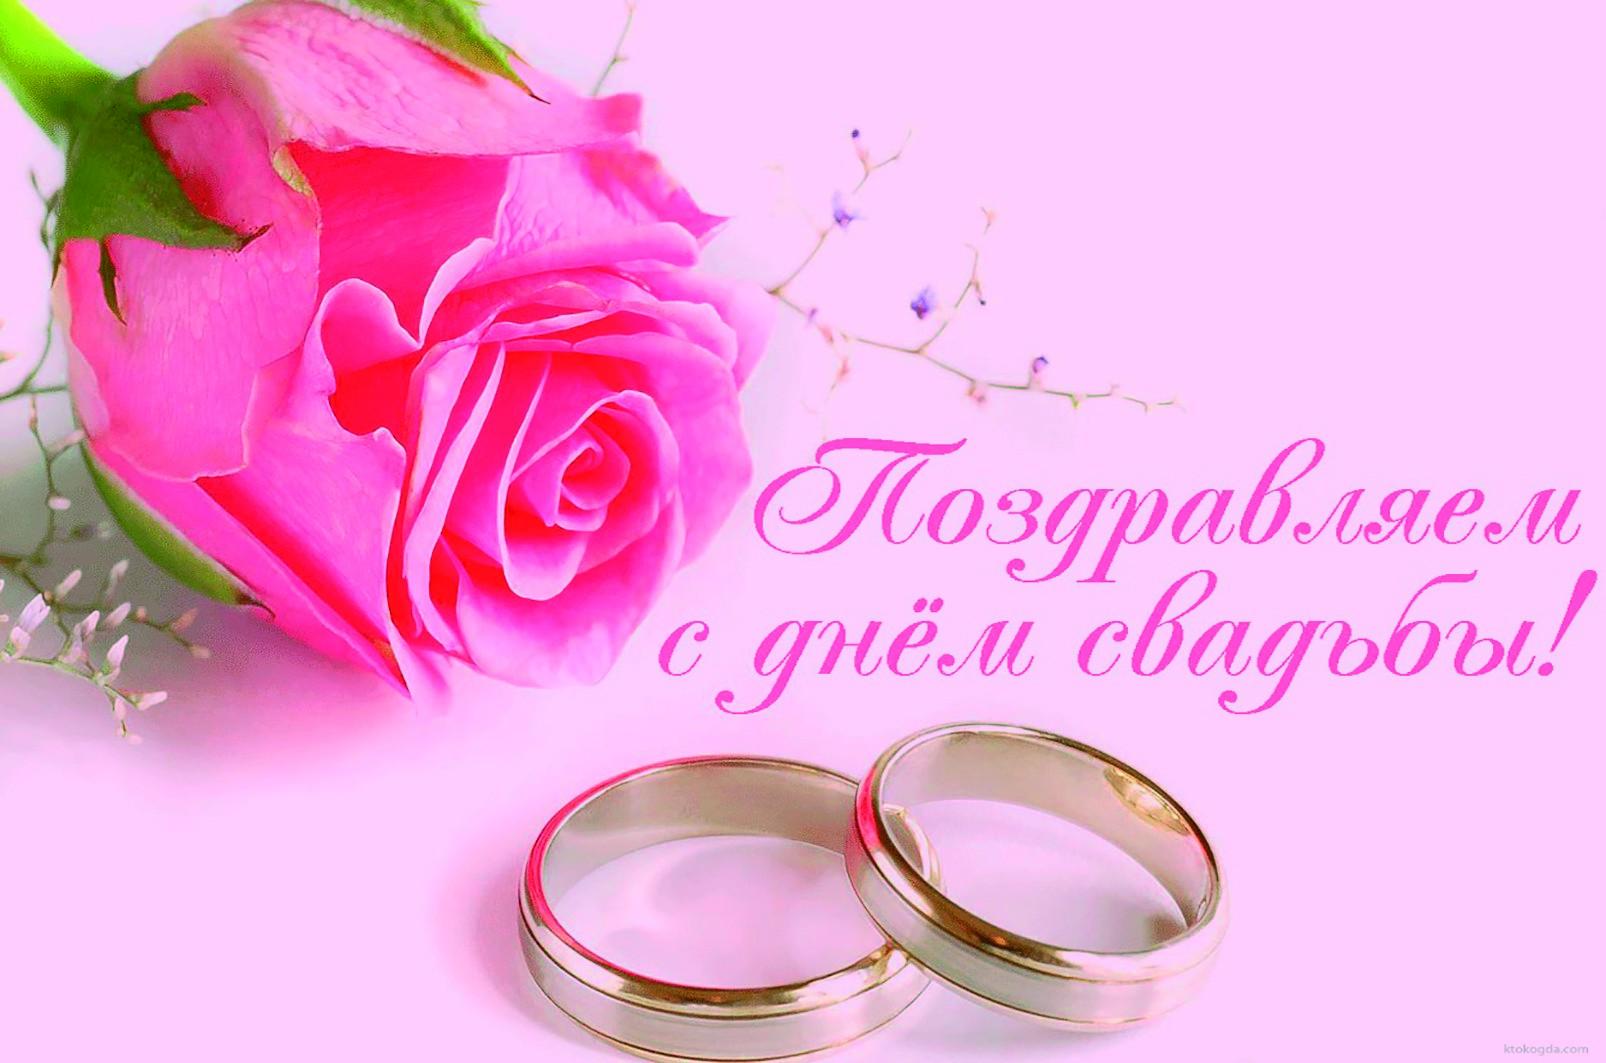 Красивая открытка с днем свадьбы от родителей